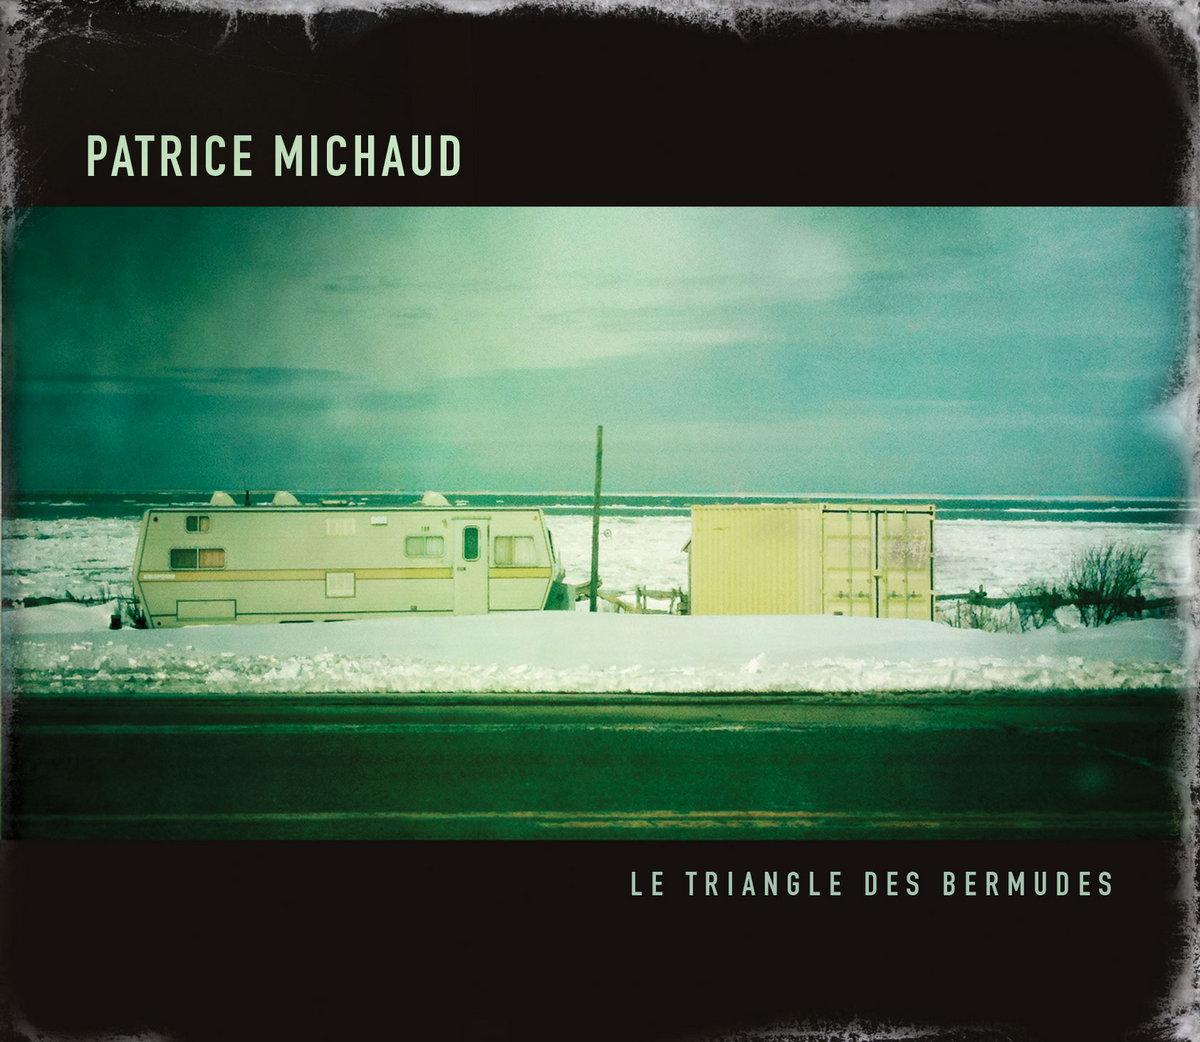 Résultats de recherche d'images pour «PATRICE MICHAUD TRIANGLE DES BERMUDES»